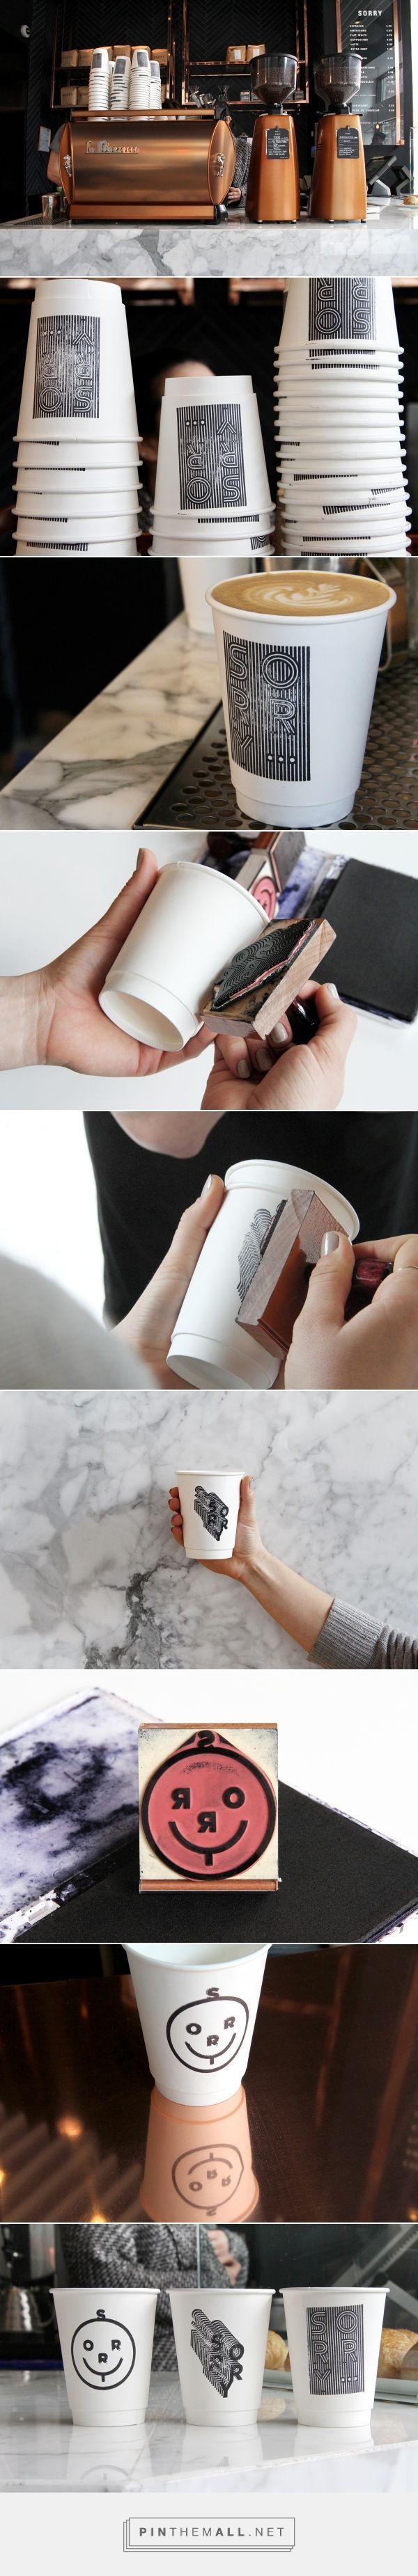 ideas de personalización de accesorios para un café